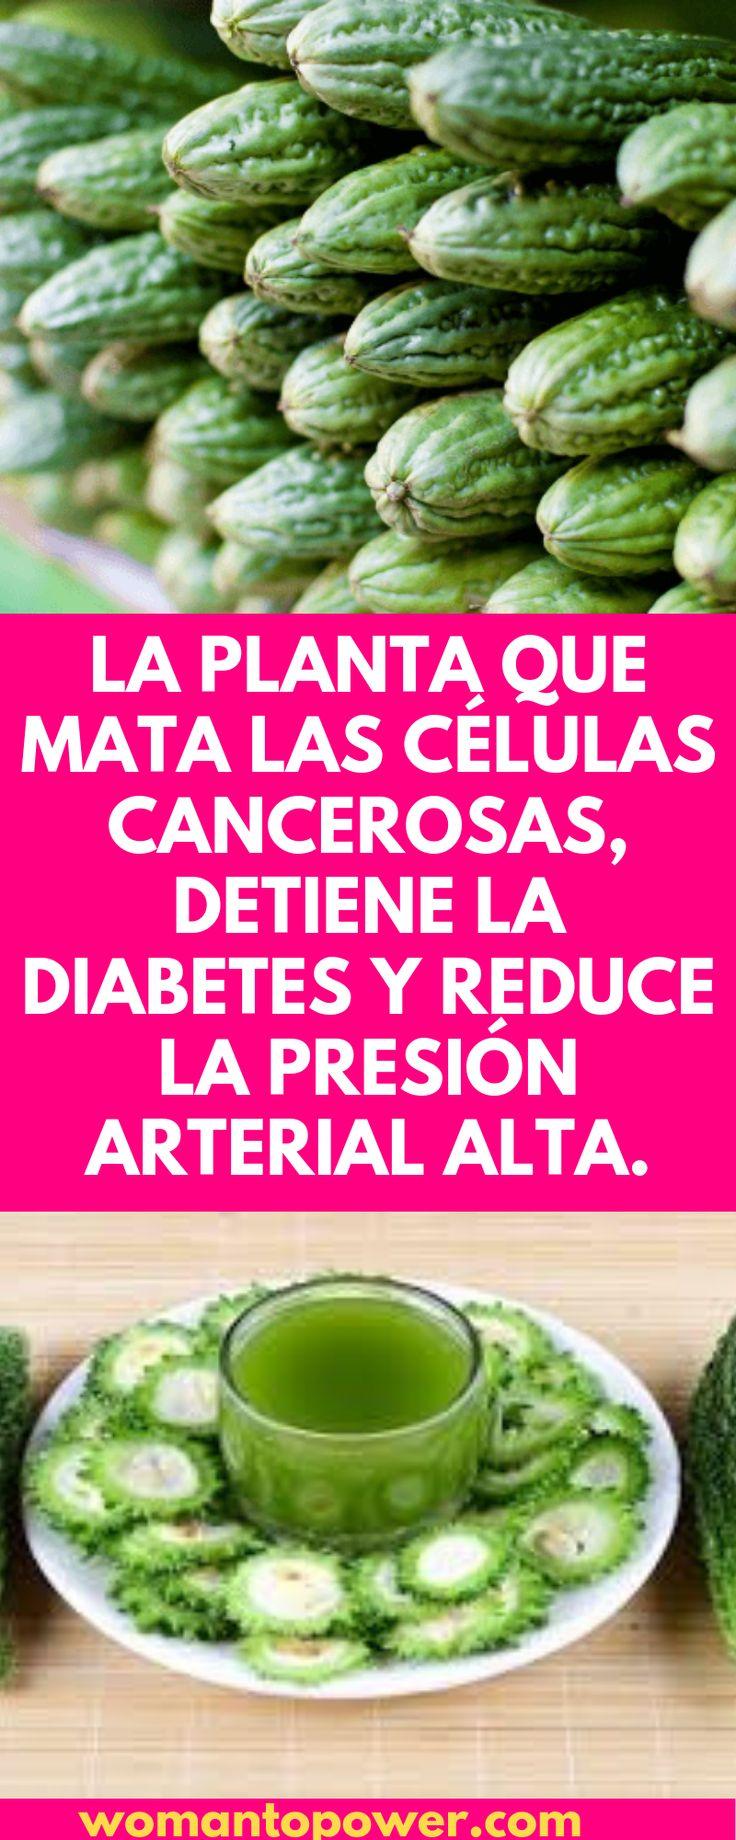 La planta que mata las células cancerosas, detiene la diabetes y reduce la presión arterial alta. – Recetas caseras